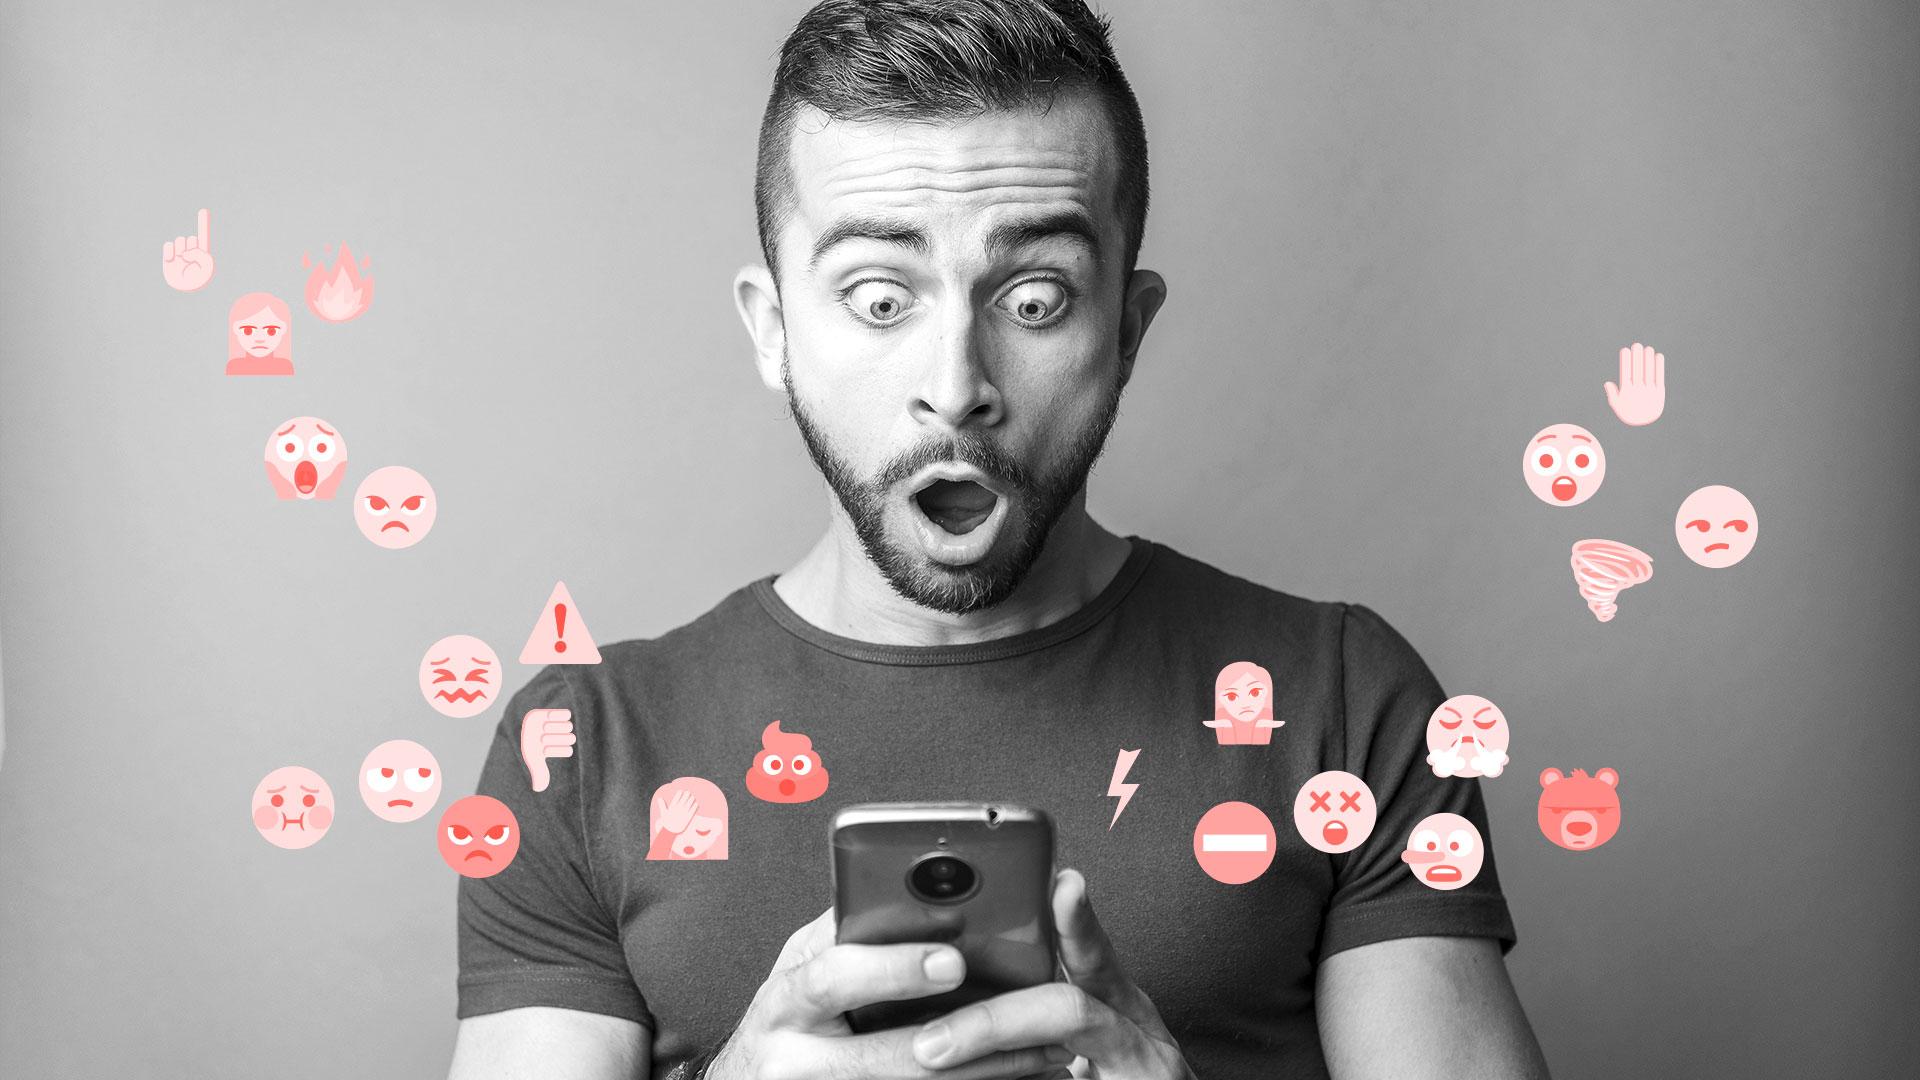 Mann überrascht mit Smartphone